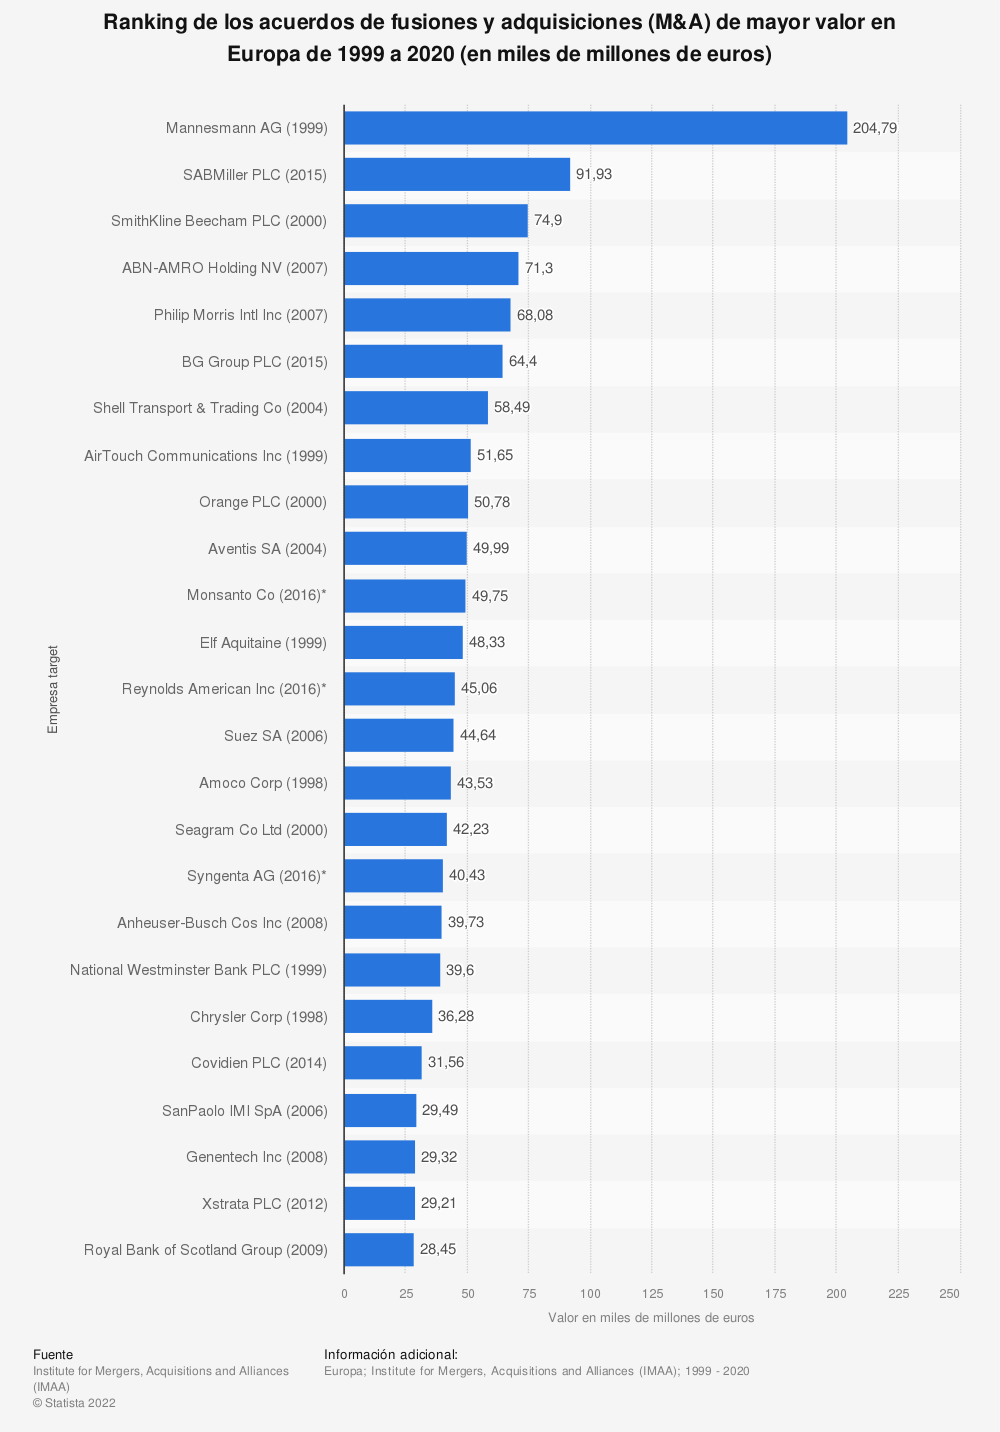 Estadística: Ranking de los acuerdos de fusiones y adquisiciones (M&A) de mayor valor en Europa de 1999 a 2019 (en miles de millones de euros) | Statista